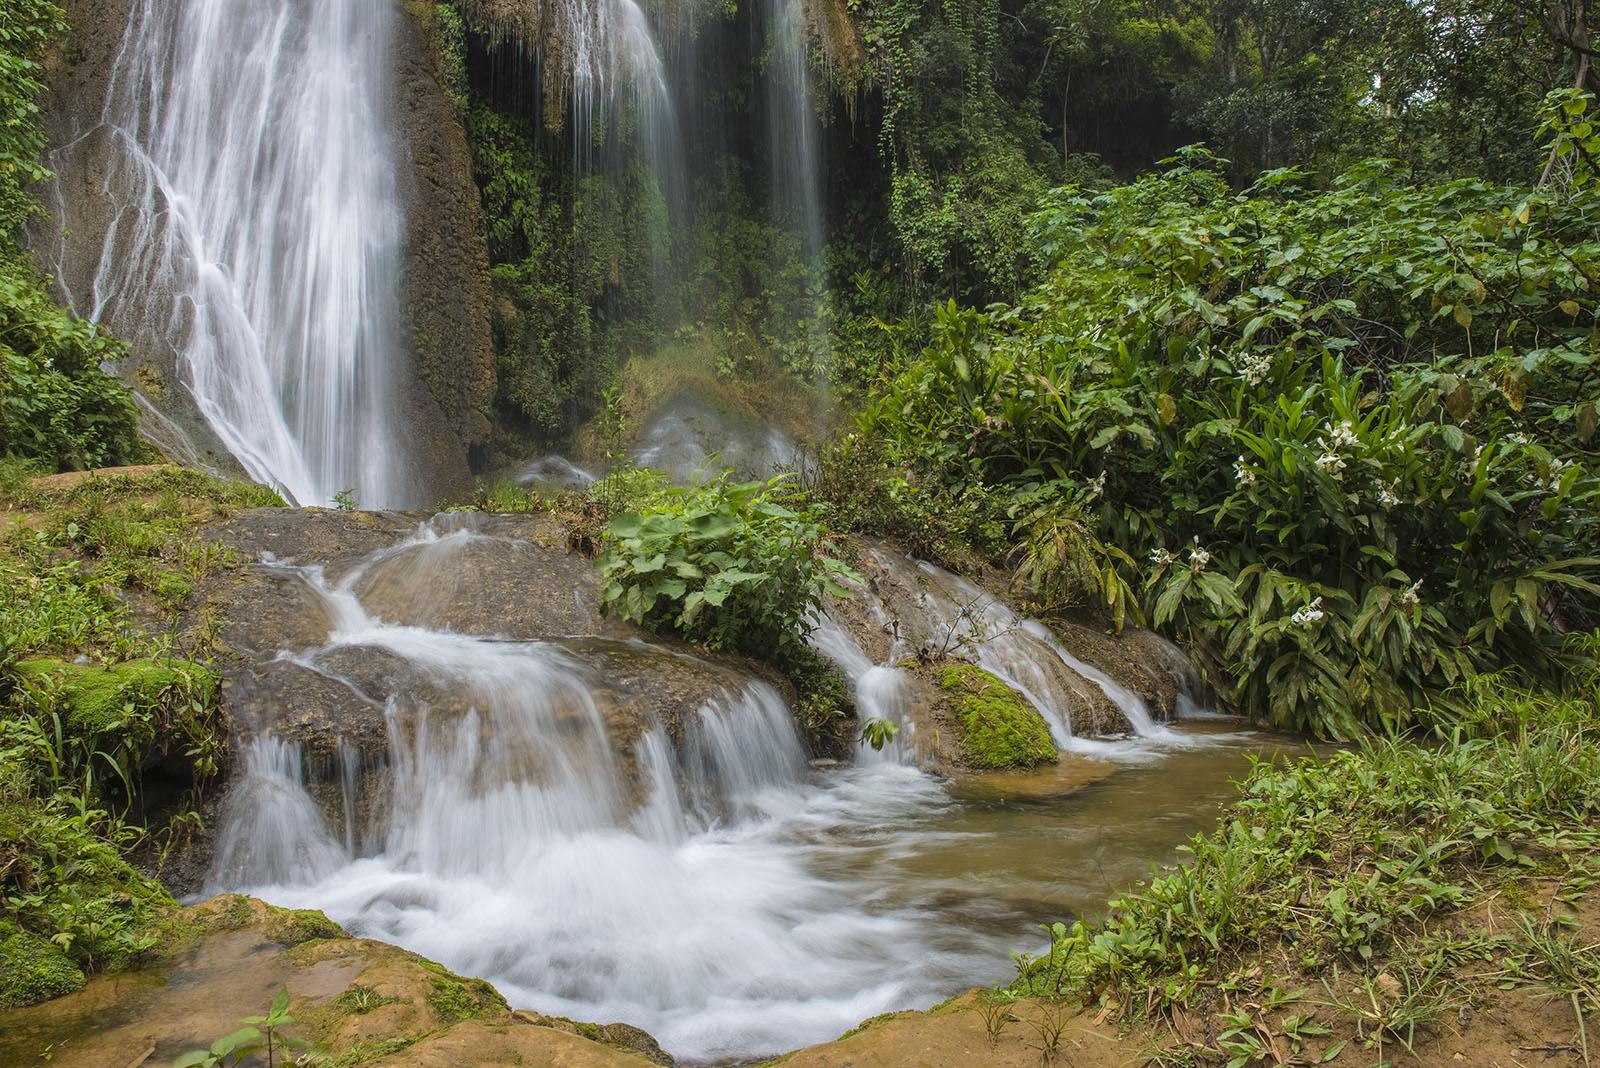 Trinidad, Tope de Collantes, Salto del Caburní